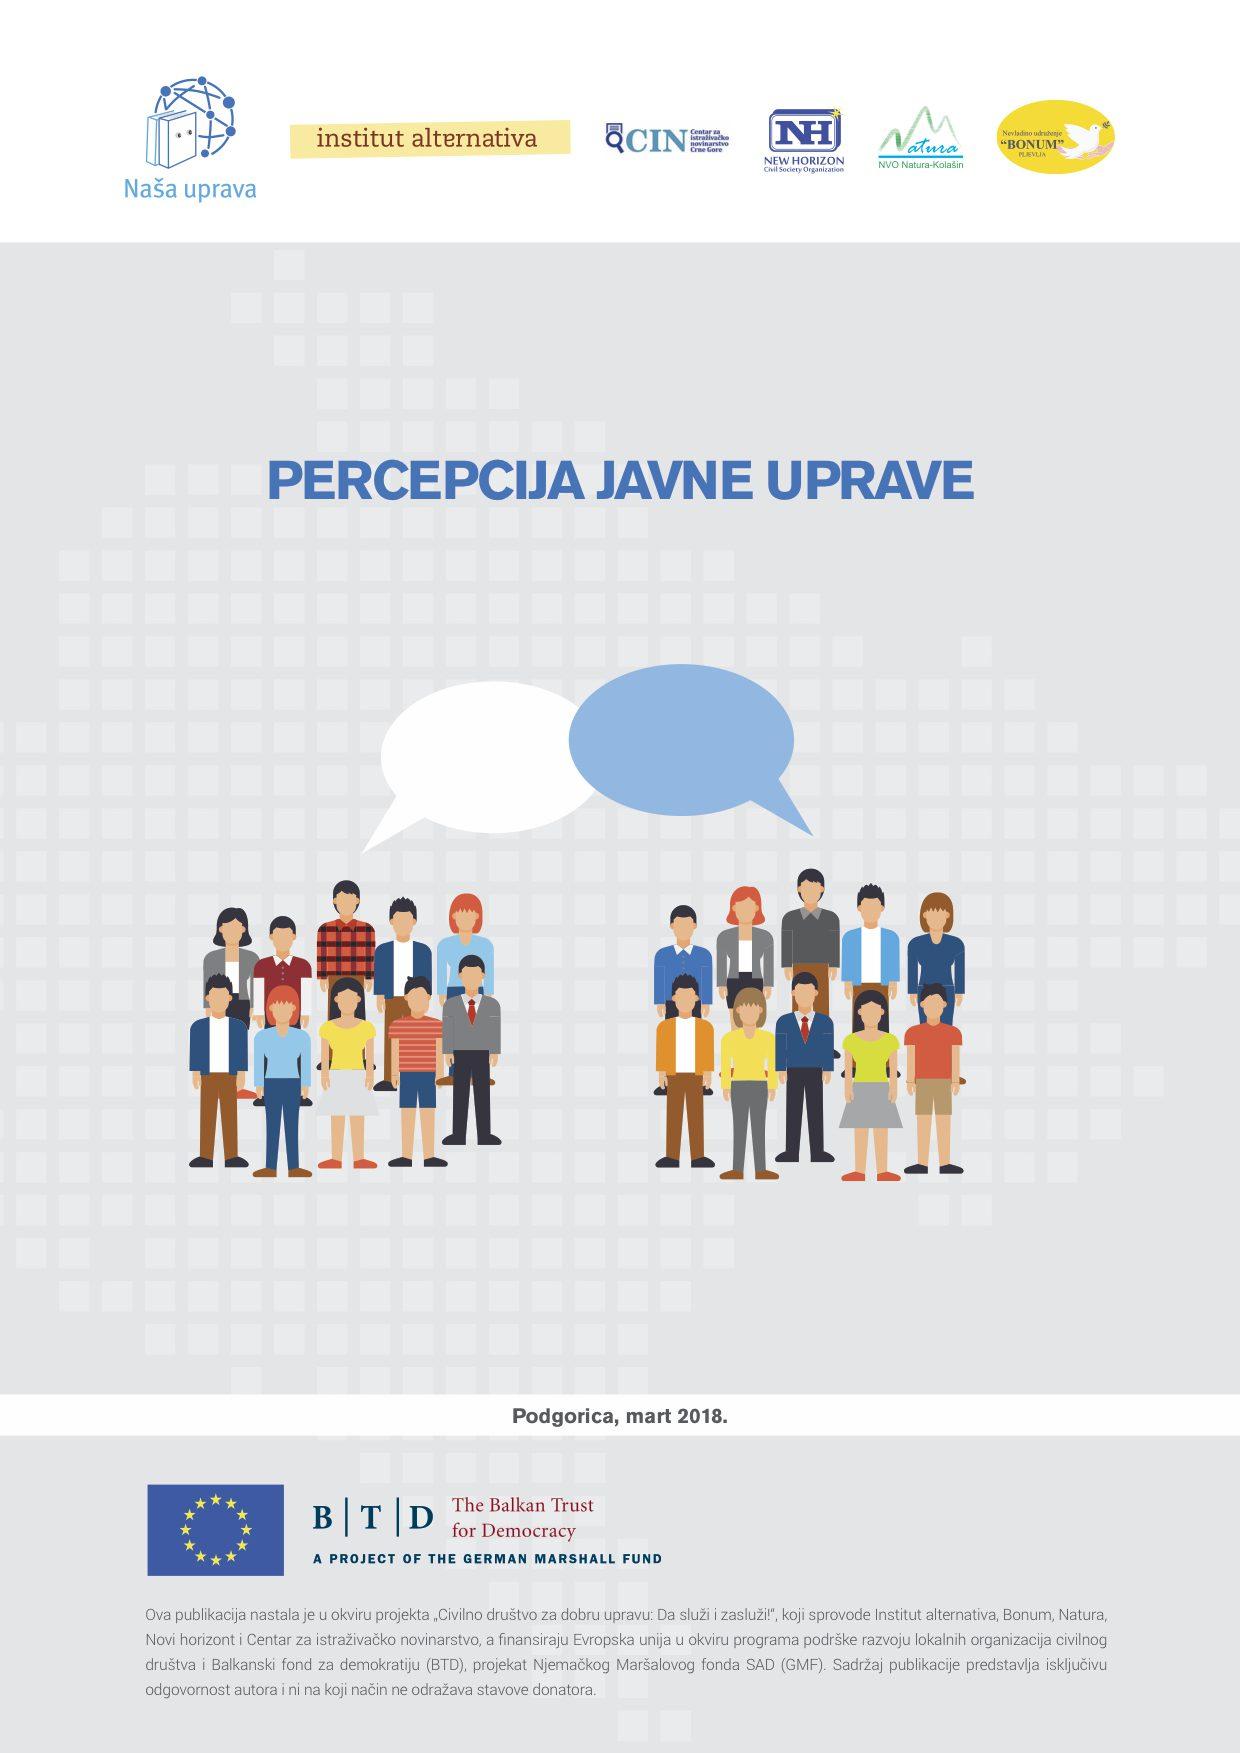 Percepcija javne uprave - istraživanje